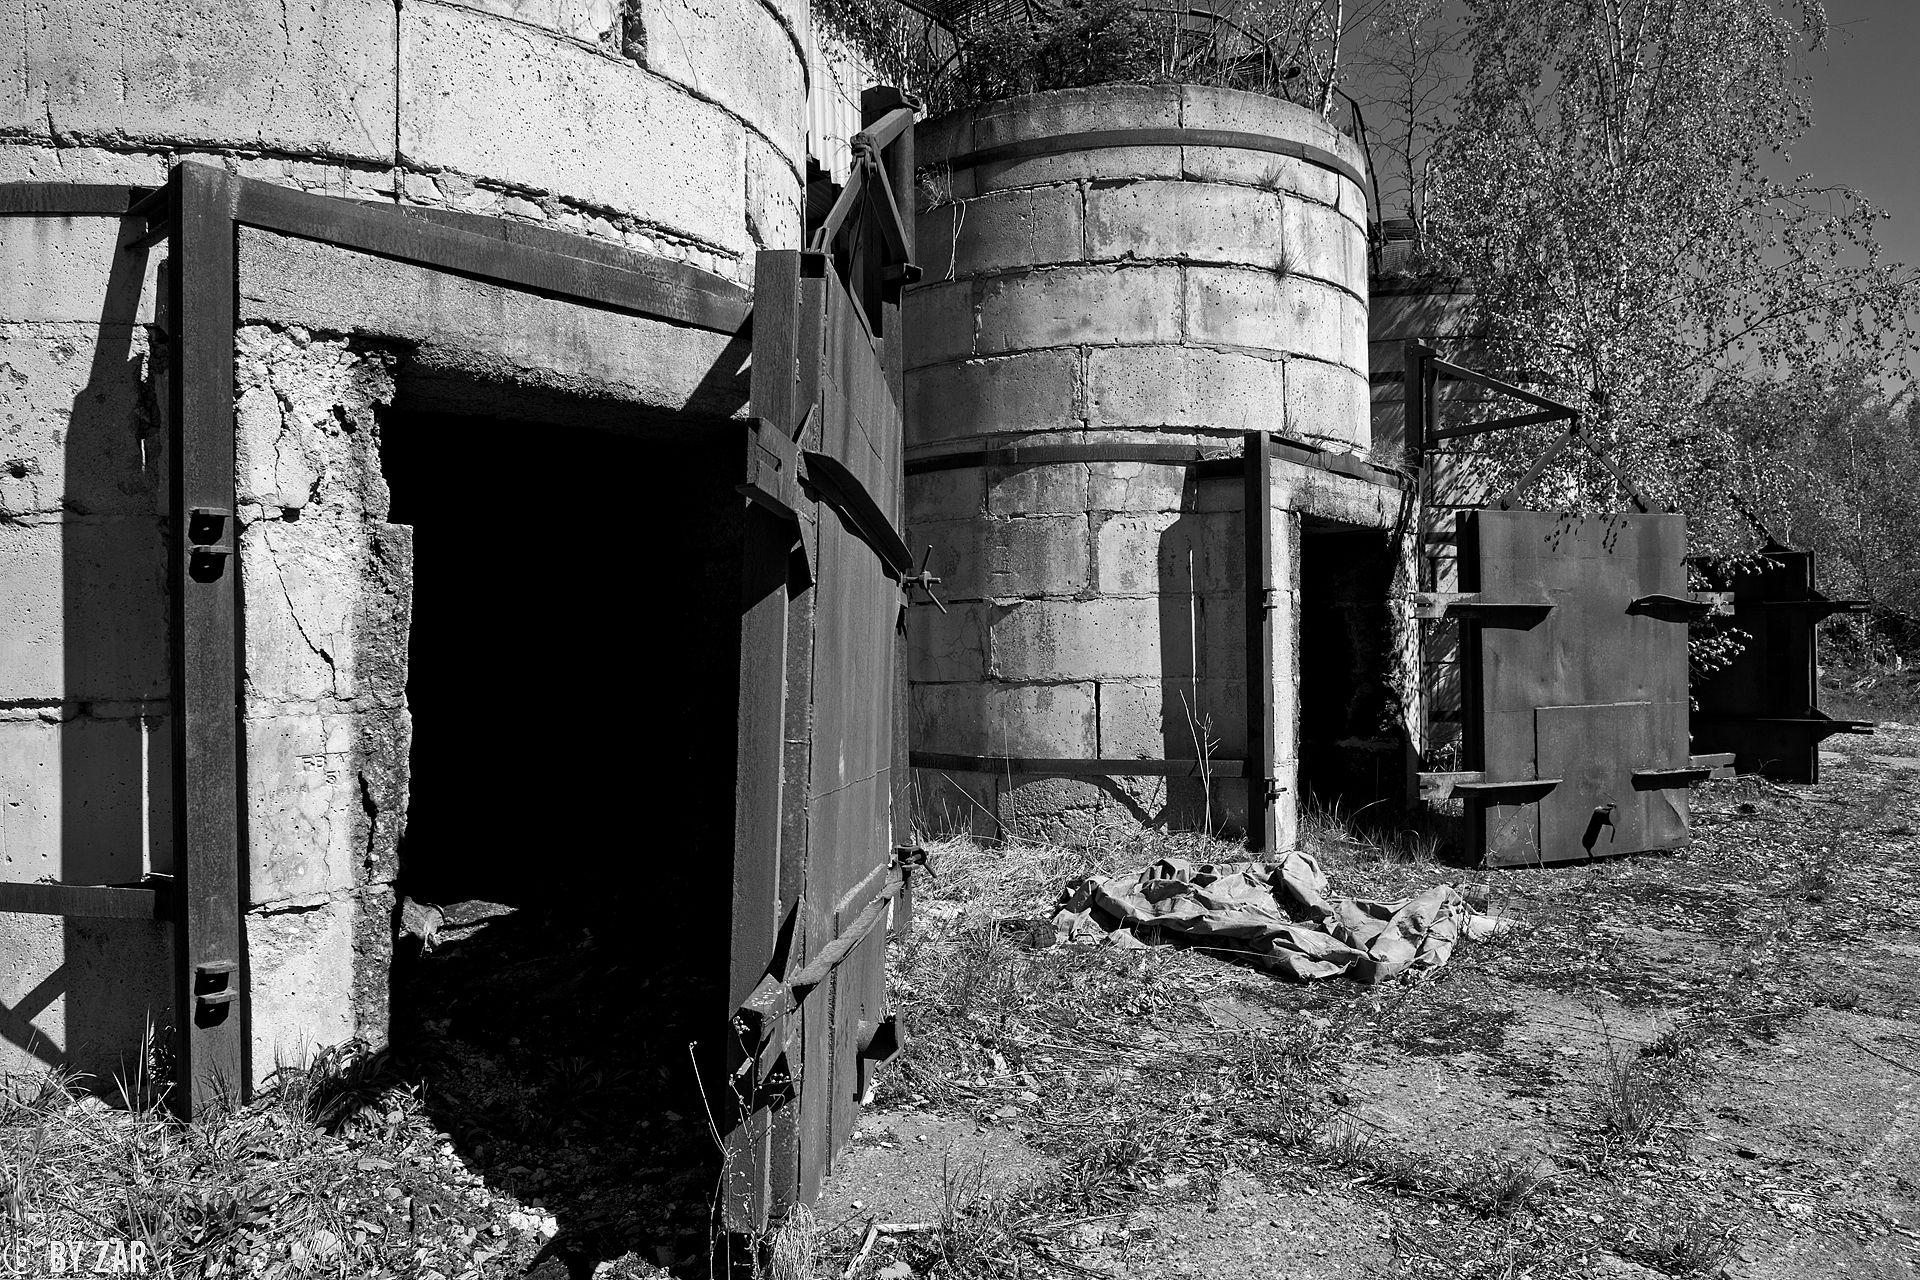 Lost im Harz - verfallene Köhlerei mitten im Wald